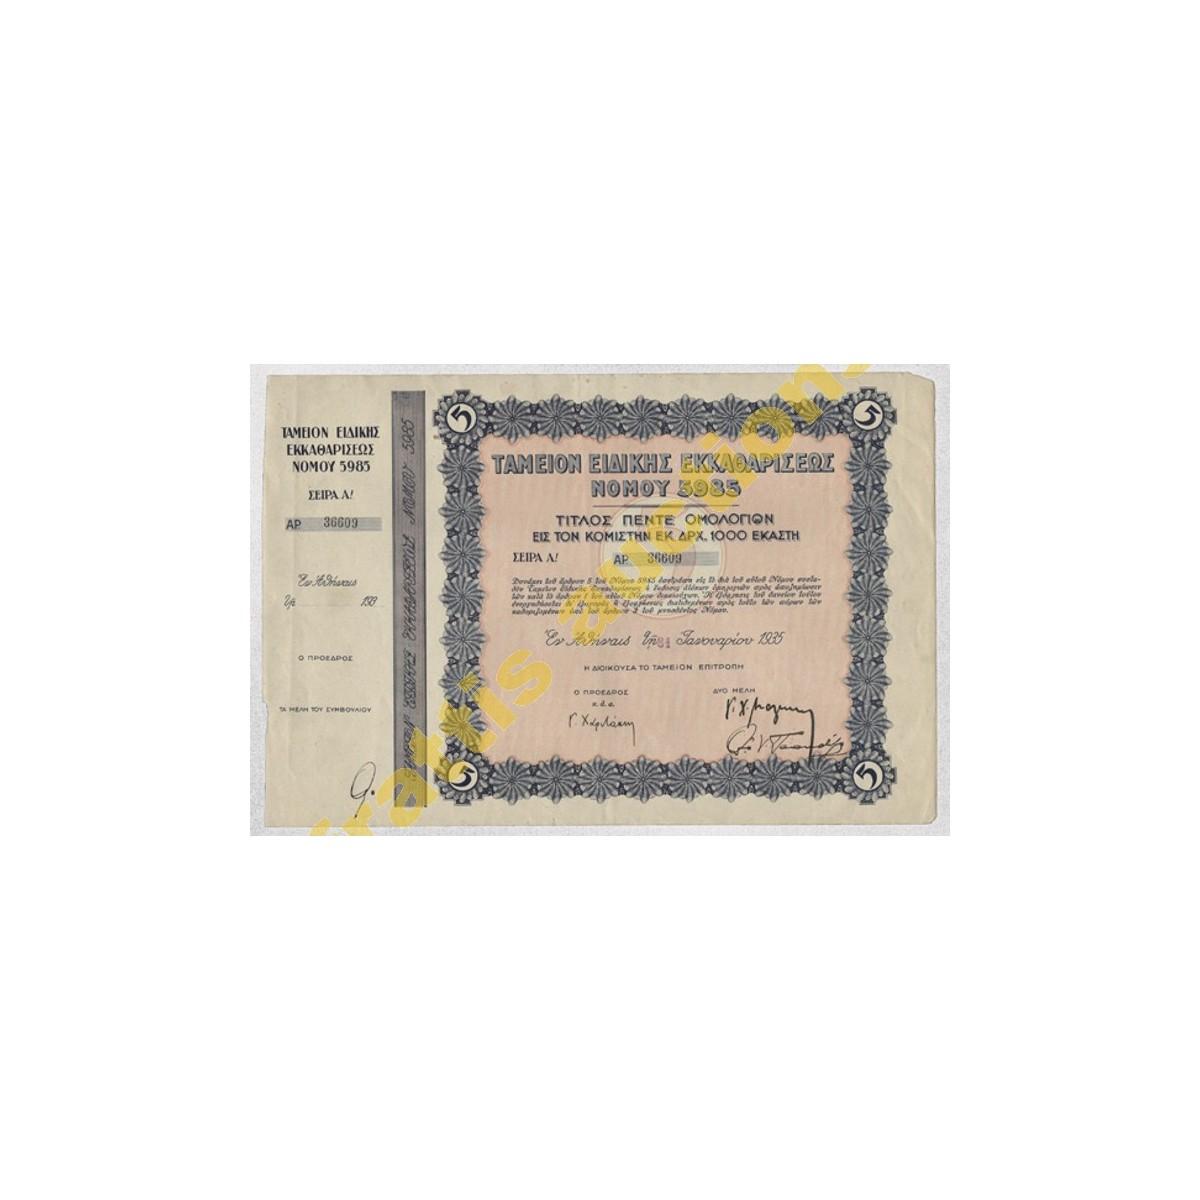 ΤΑΜΕΙΟΝ ΕΙΔΙΚΗΣ ΕΚΚΑΘΑΡΙΣΕΩΣ ΝΟΜΟΥ 5985. 1935